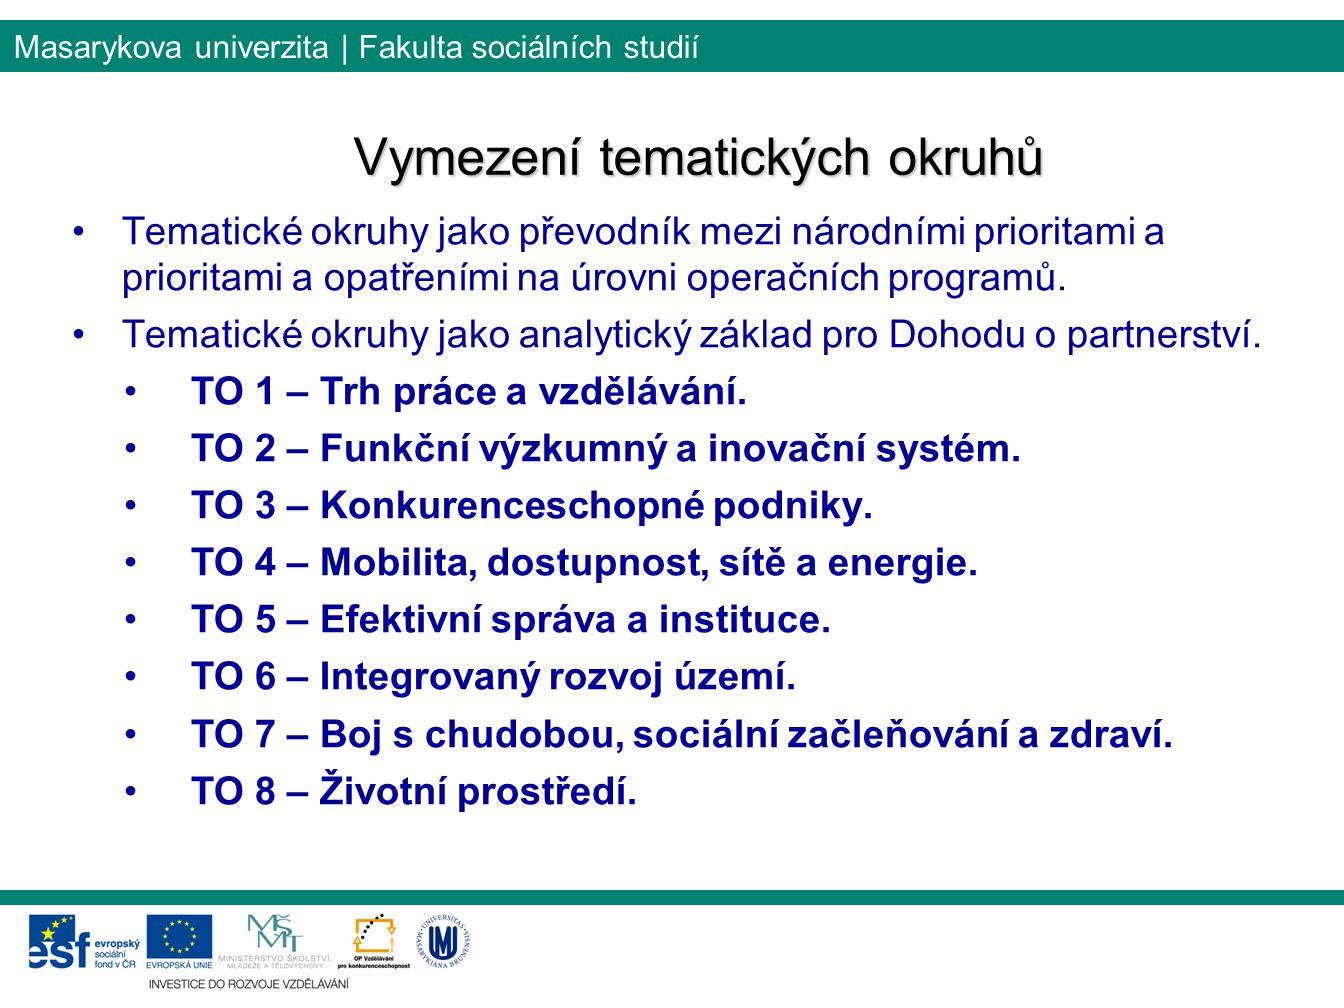 Masarykova univerzita | Fakulta sociálních studií Vymezení tematických okruhů Tematické okruhy jako převodník mezi národními prioritami a prioritami a opatřeními na úrovni operačních programů.